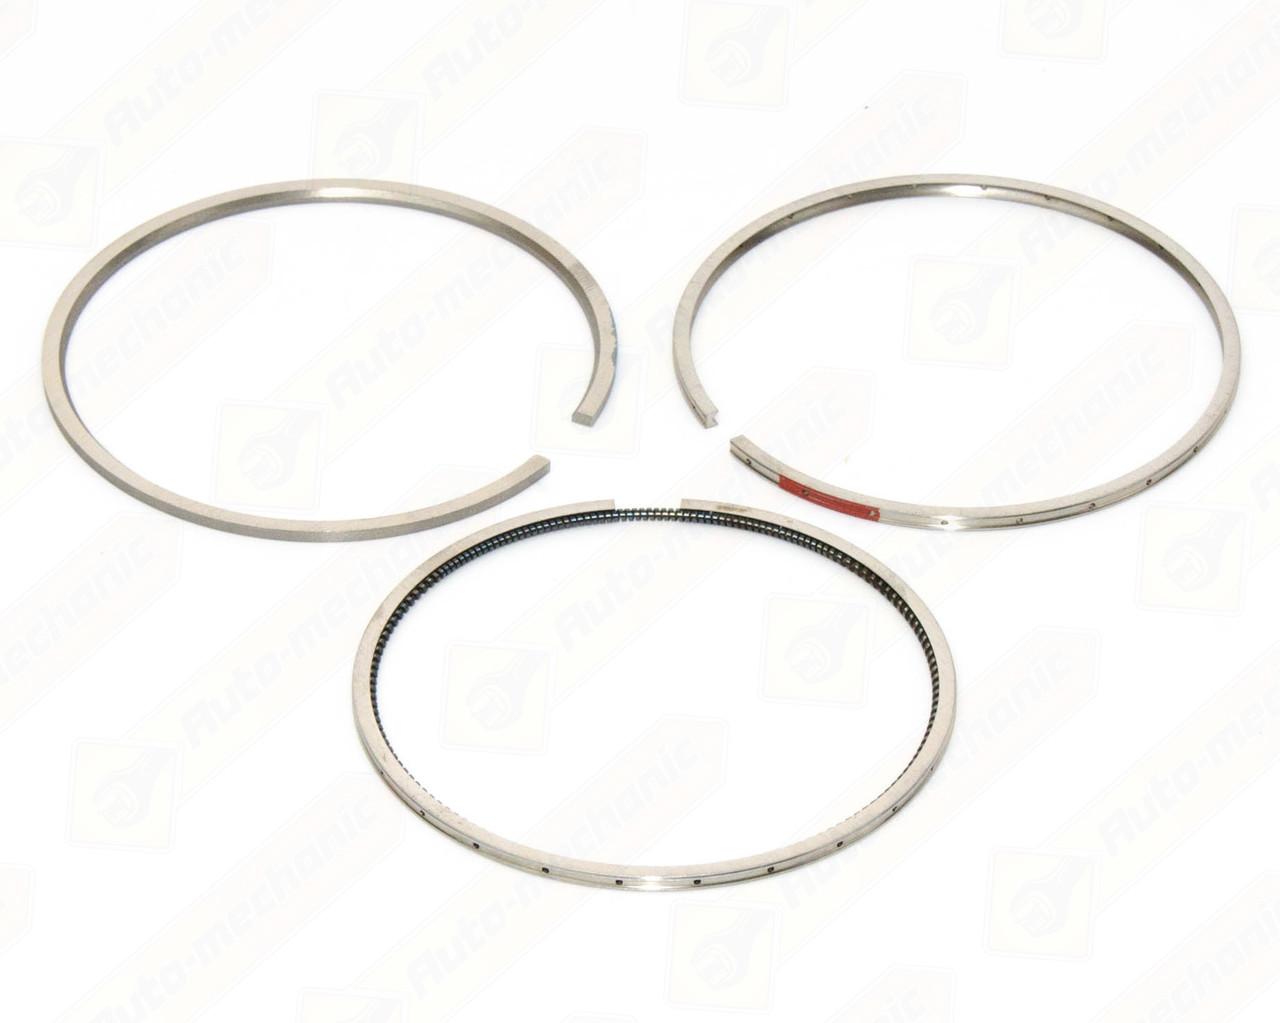 Комплект поршневых колец на Renault Dokker 2012-> 1.5dCi — Renault (Оригинал) - 120330783R